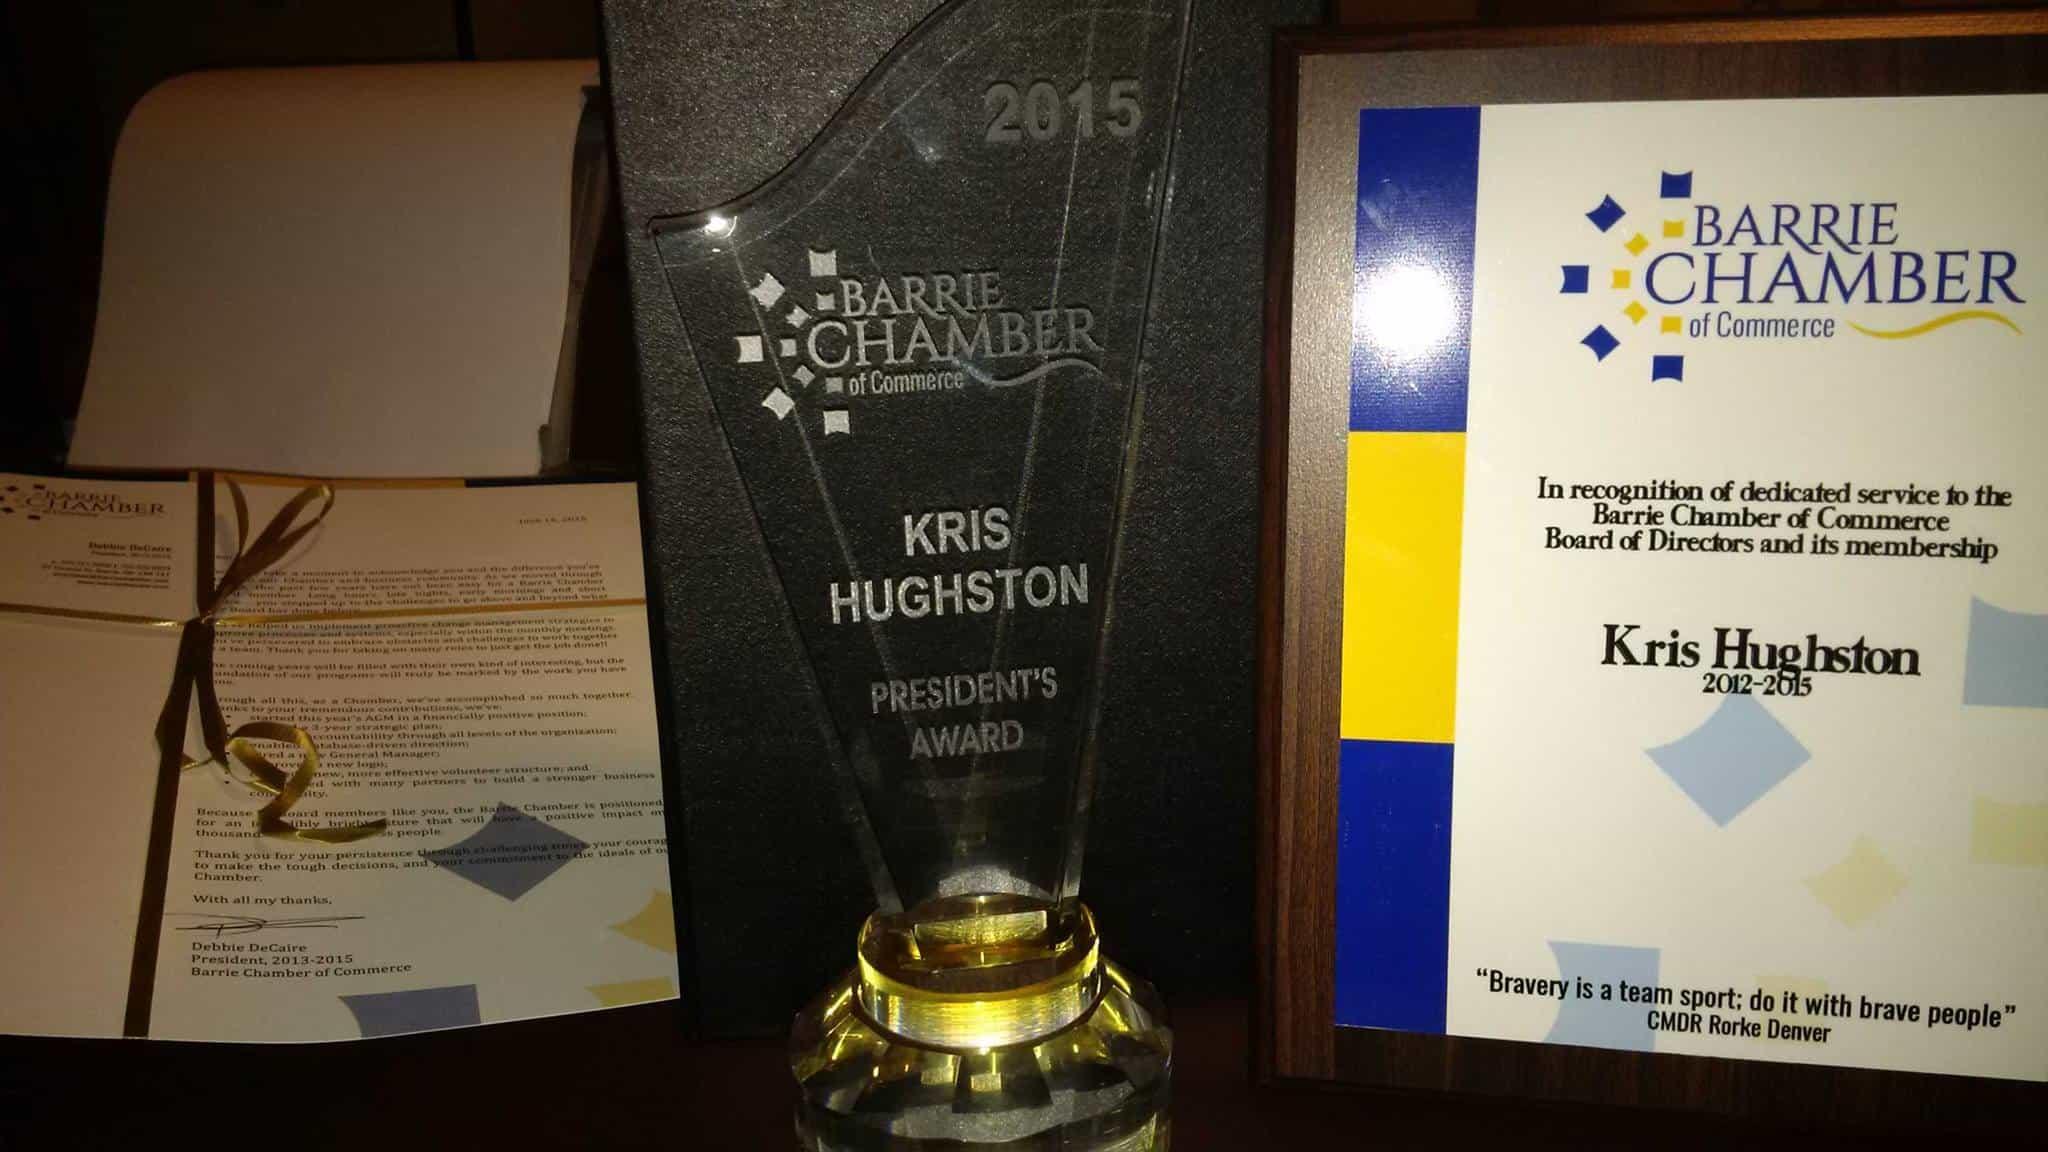 President's Award, Barrie Chamber of Commerce